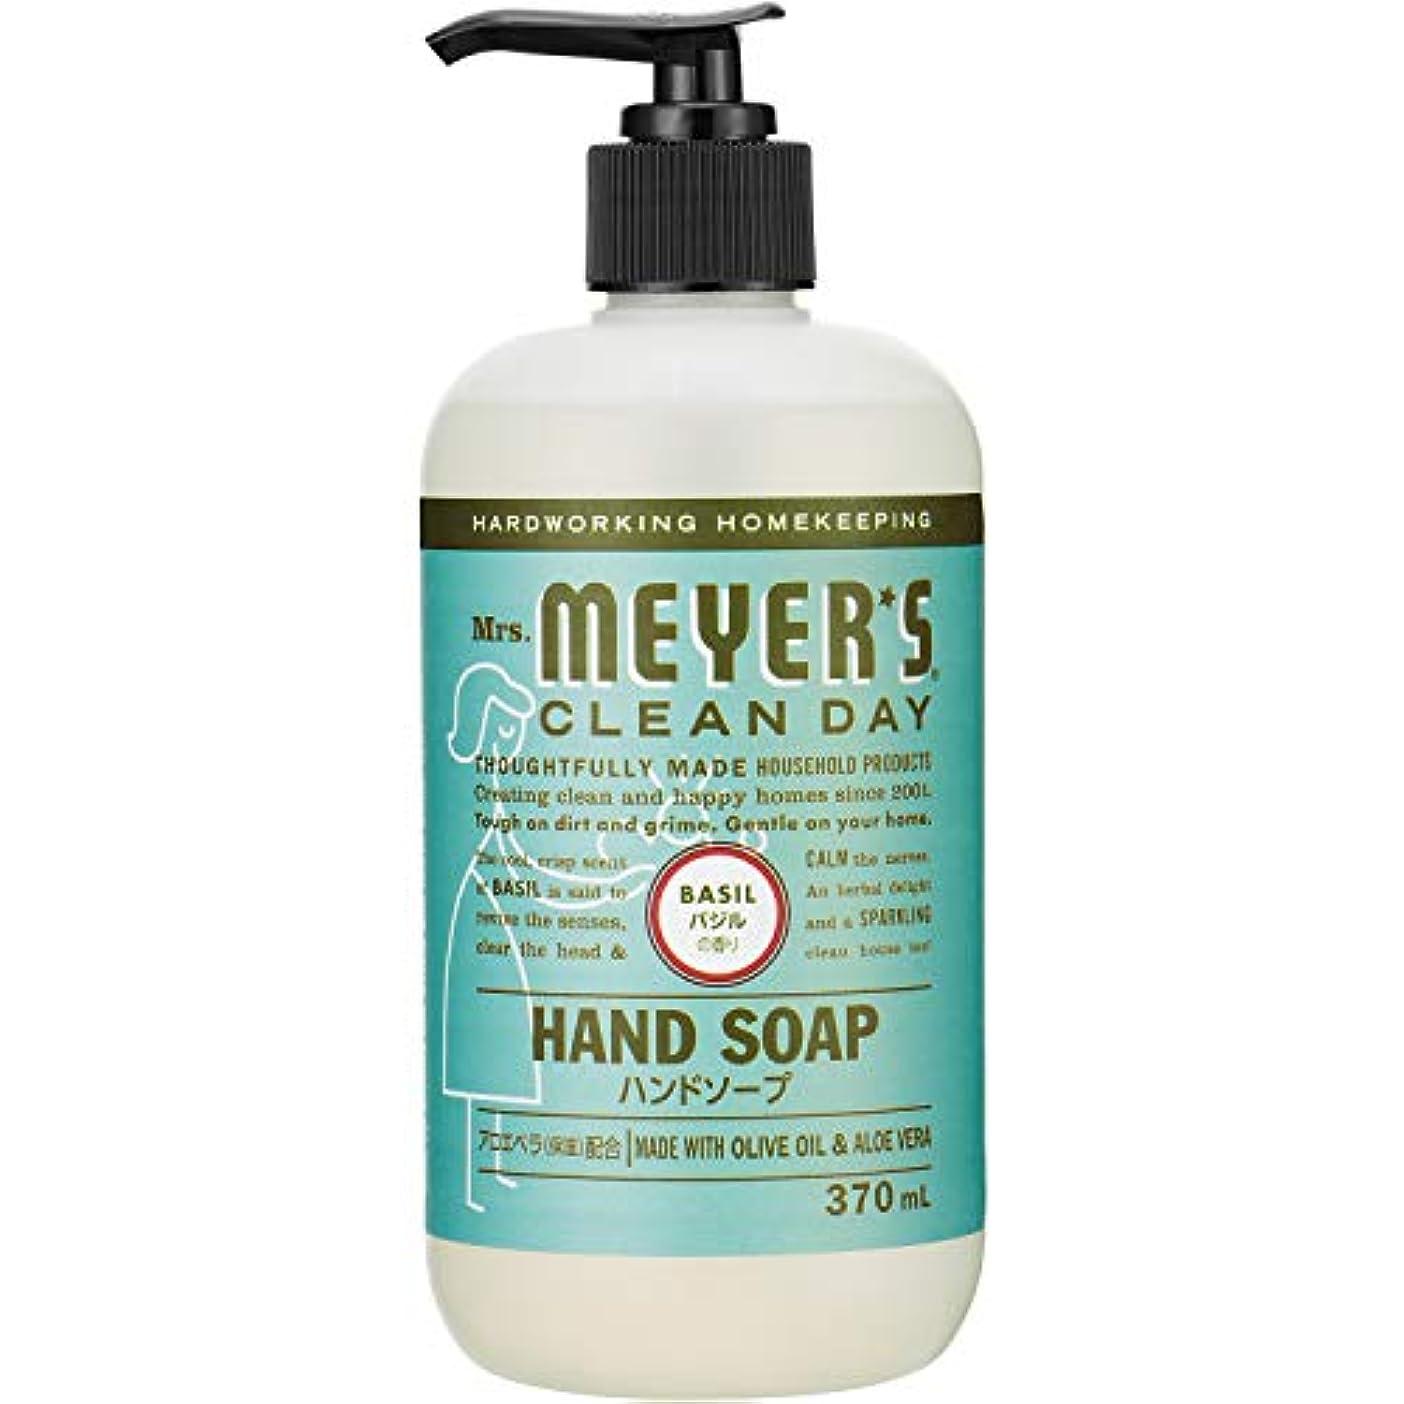 出発水差し言及するMrs. MEYER'S CLEAN DAY(ミセスマイヤーズ クリーンデイ) ミセスマイヤーズ クリーンデイ(Mrs.Meyers Clean Day) ハンドソープ バジルの香り 370ml 1個